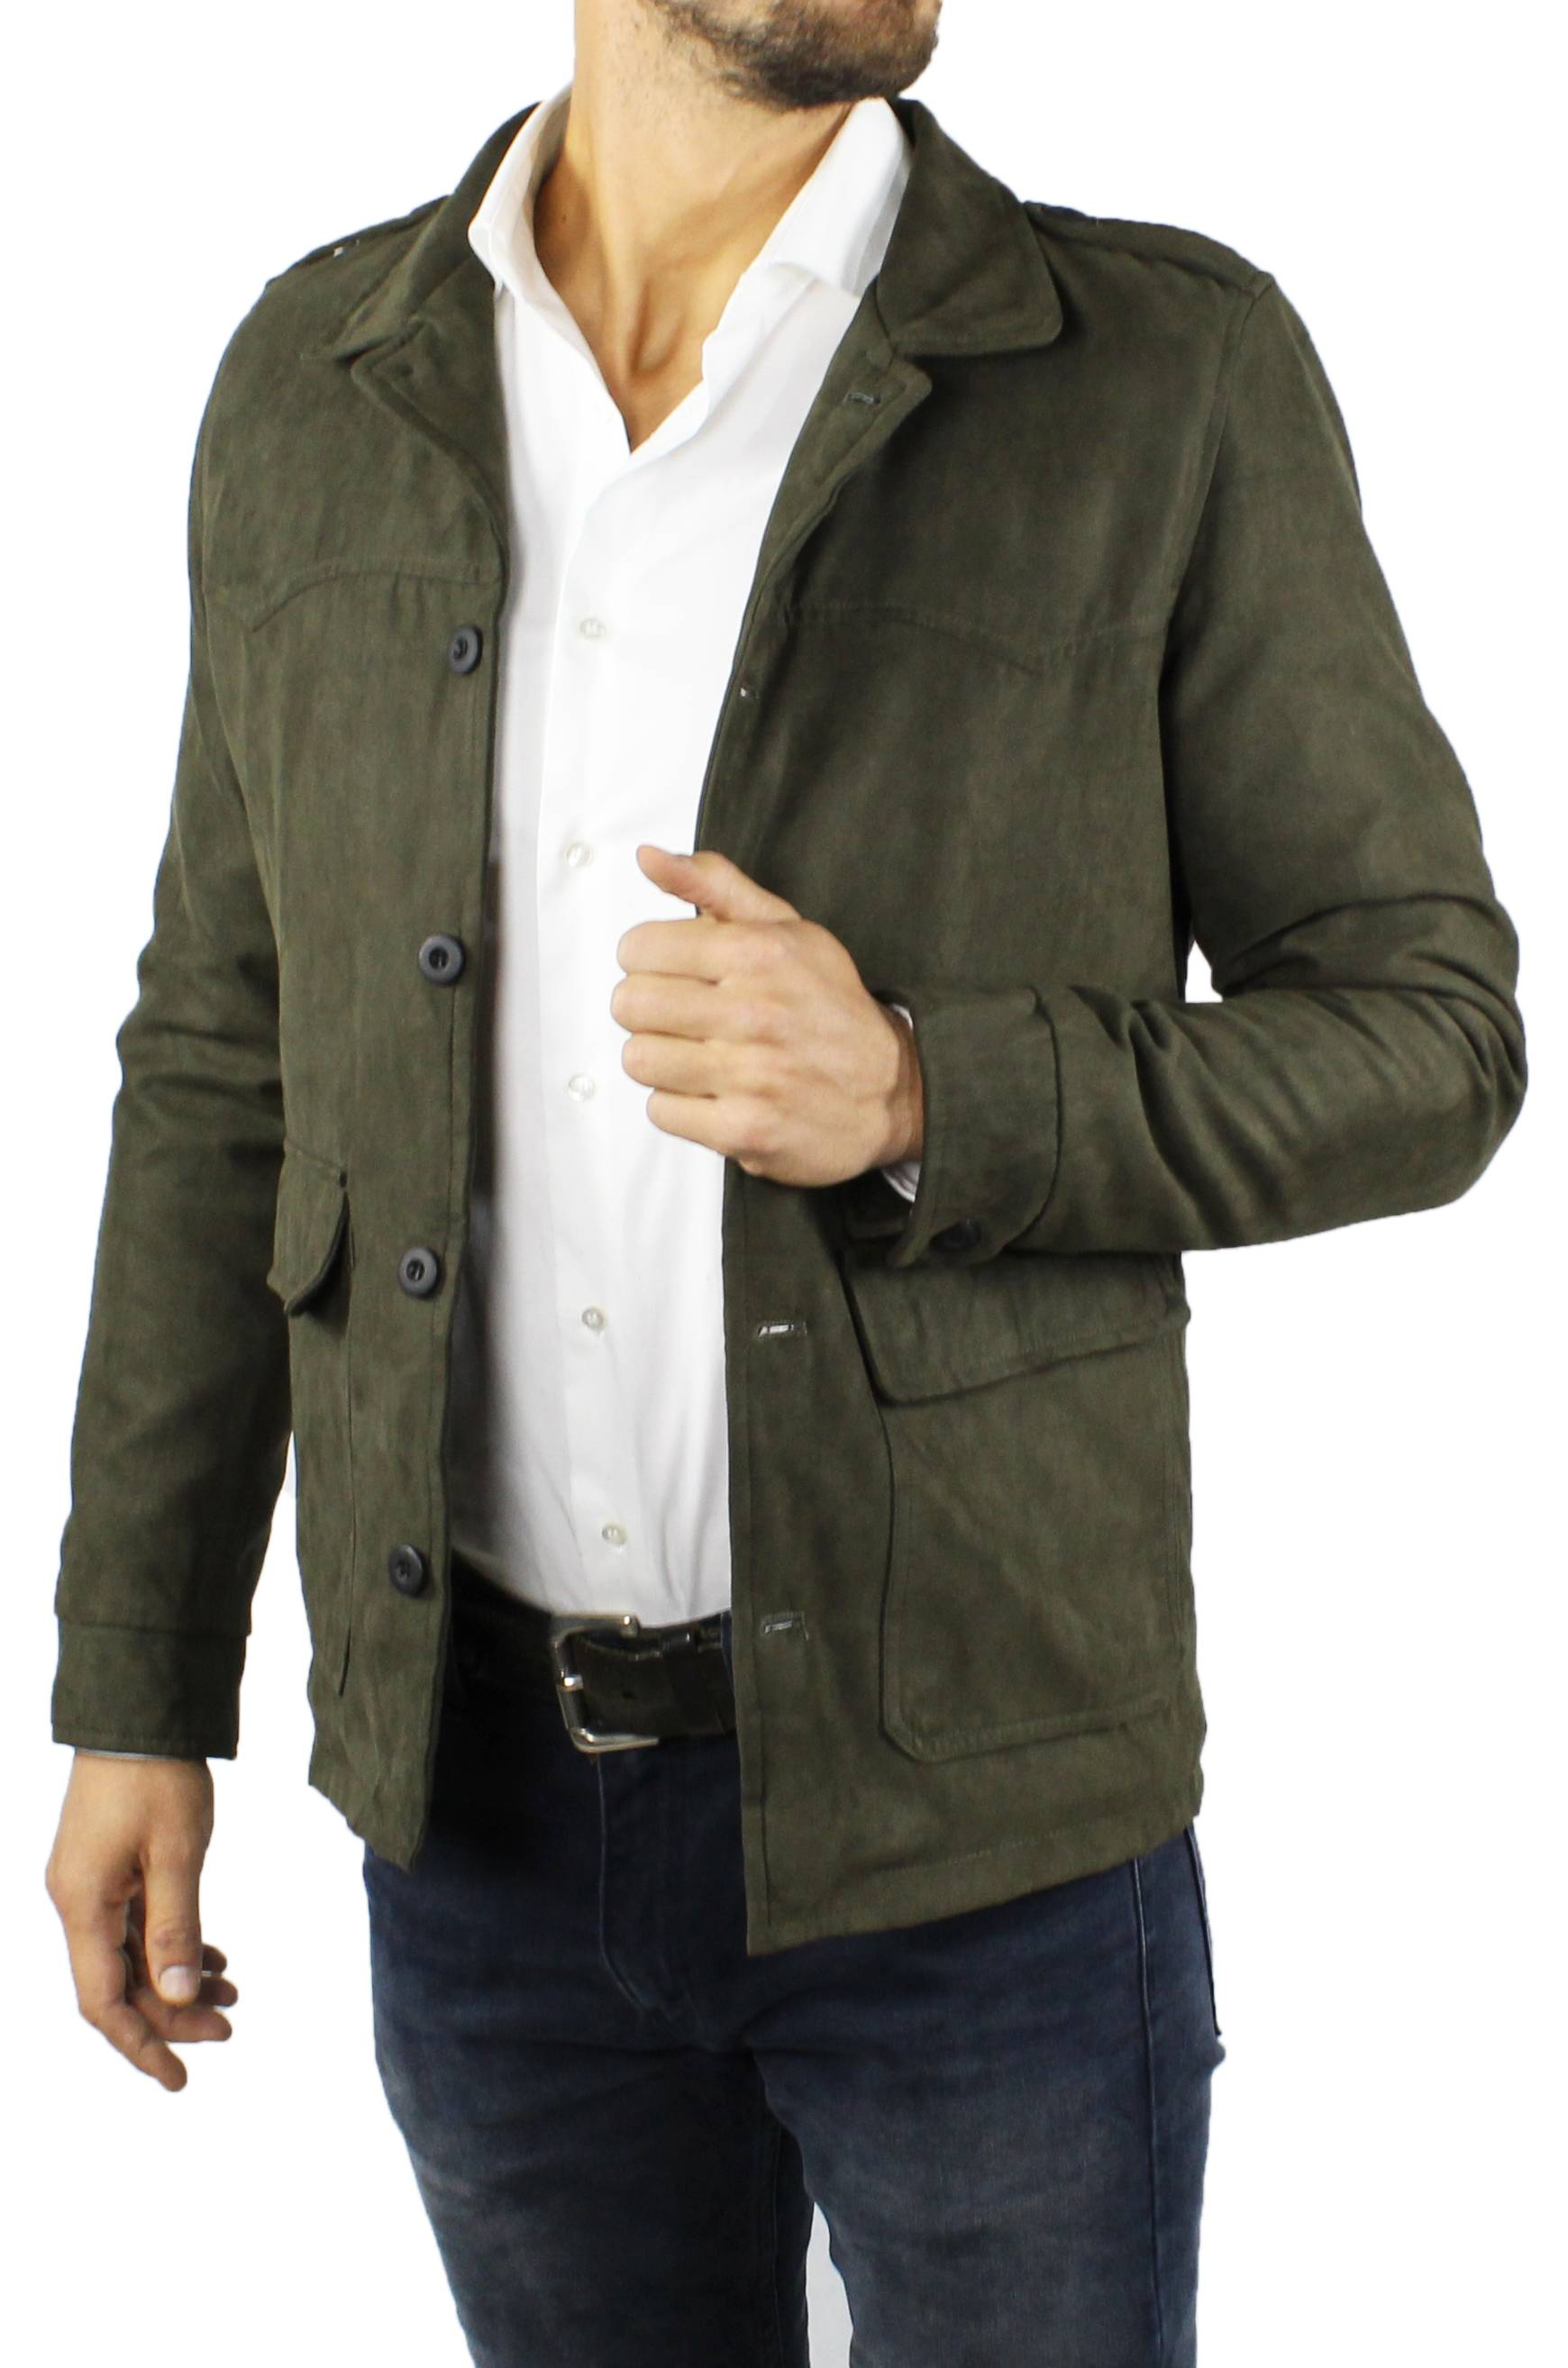 Cappotto-Uomo-Scamosciato-Invernale-Elegante-Giubbotto-Giacca-Trench-Casual miniatura 14